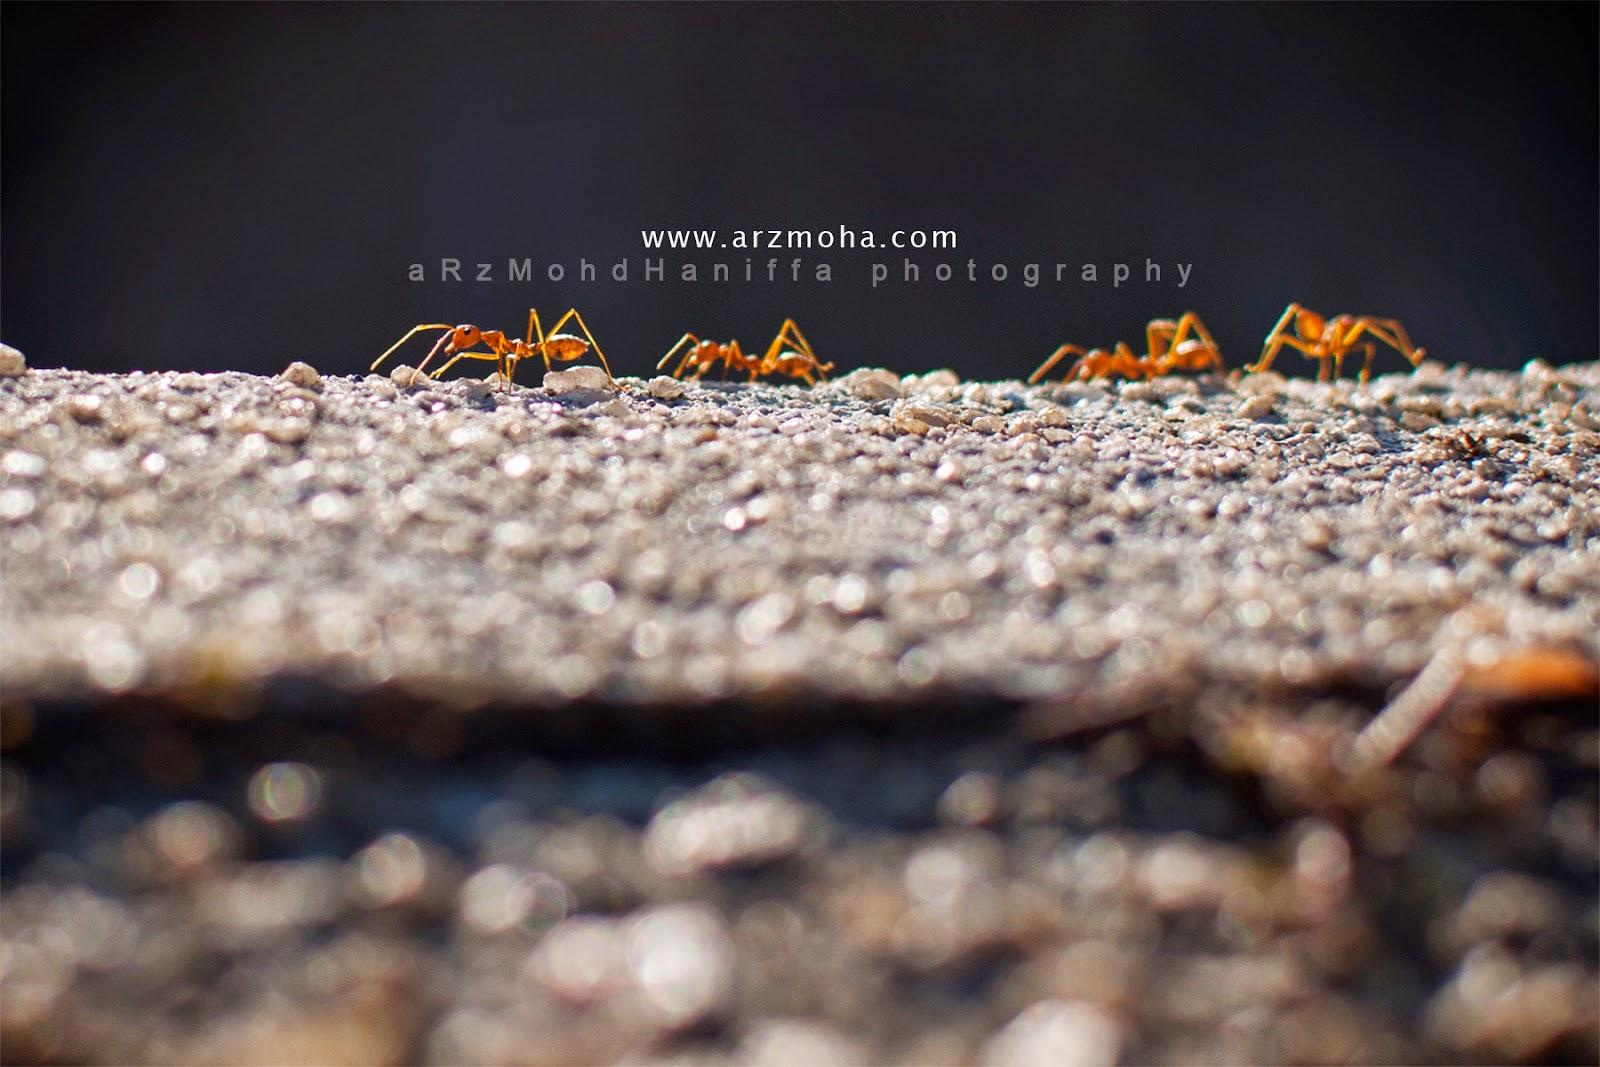 Sifat semut, arzmoha.com, gambar cantik, Bekerjasama, berkumpulan